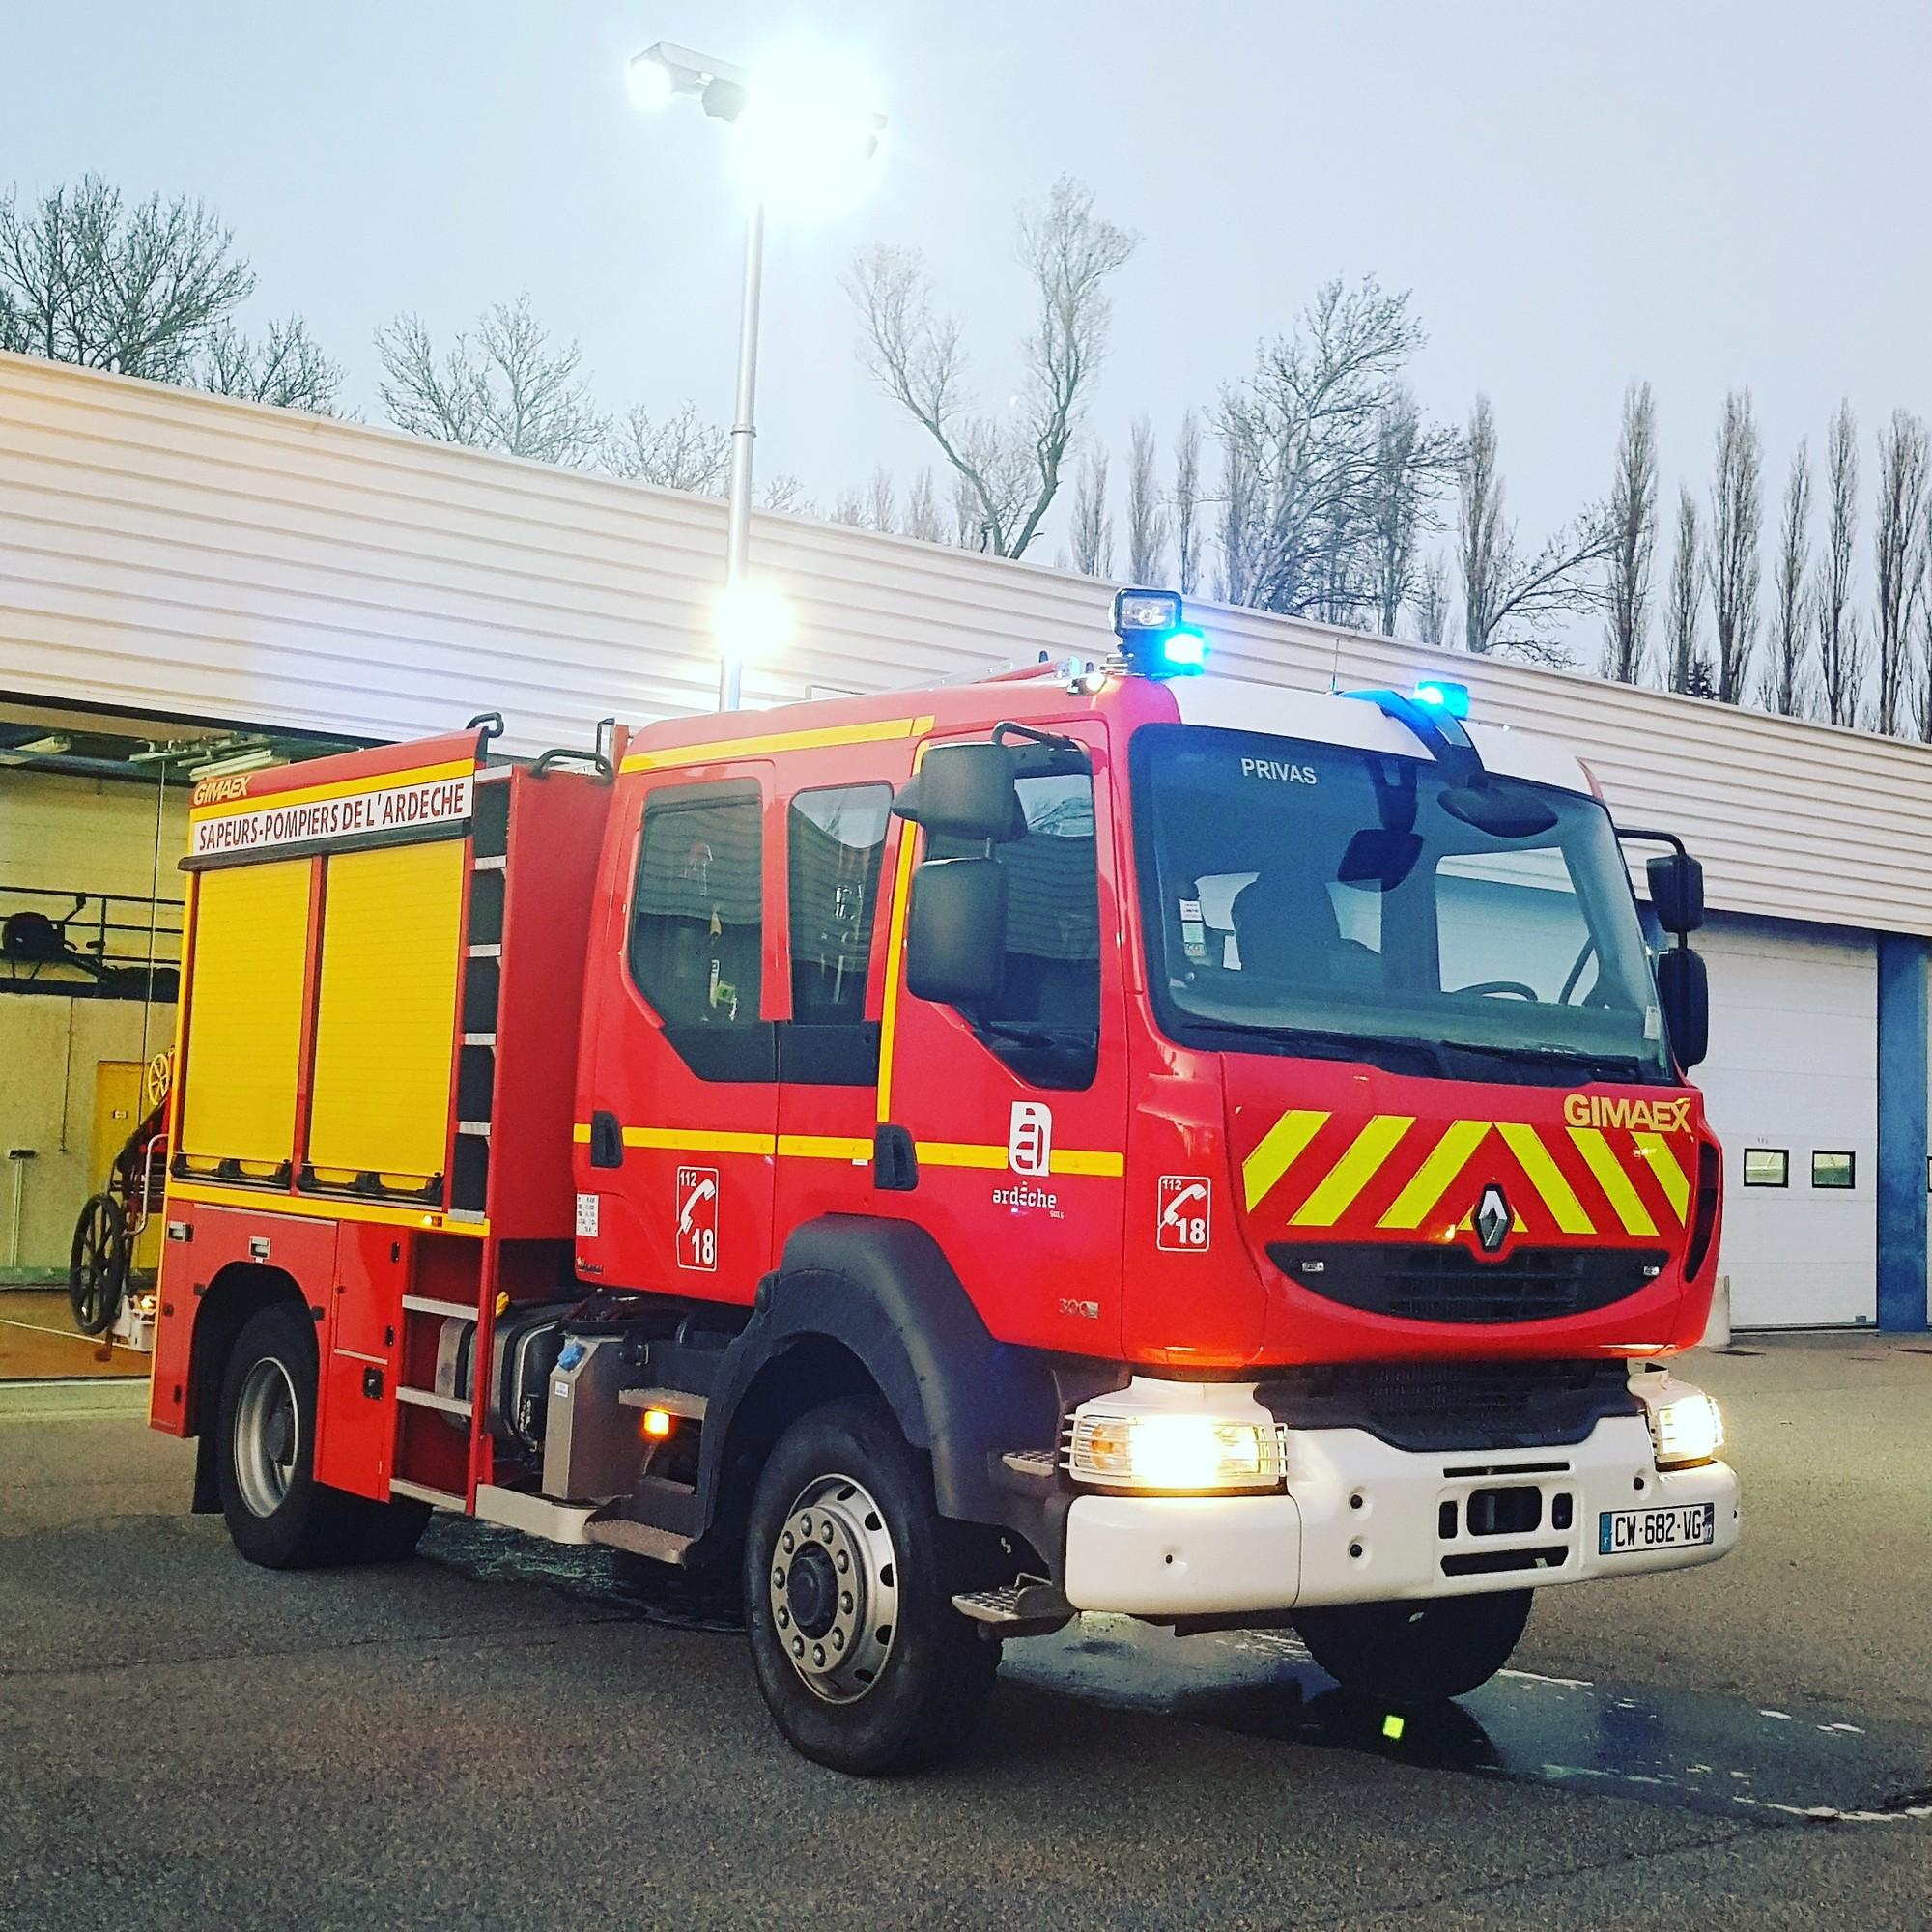 v u00e9hicules des pompiers fran u00e7ais - page 2110